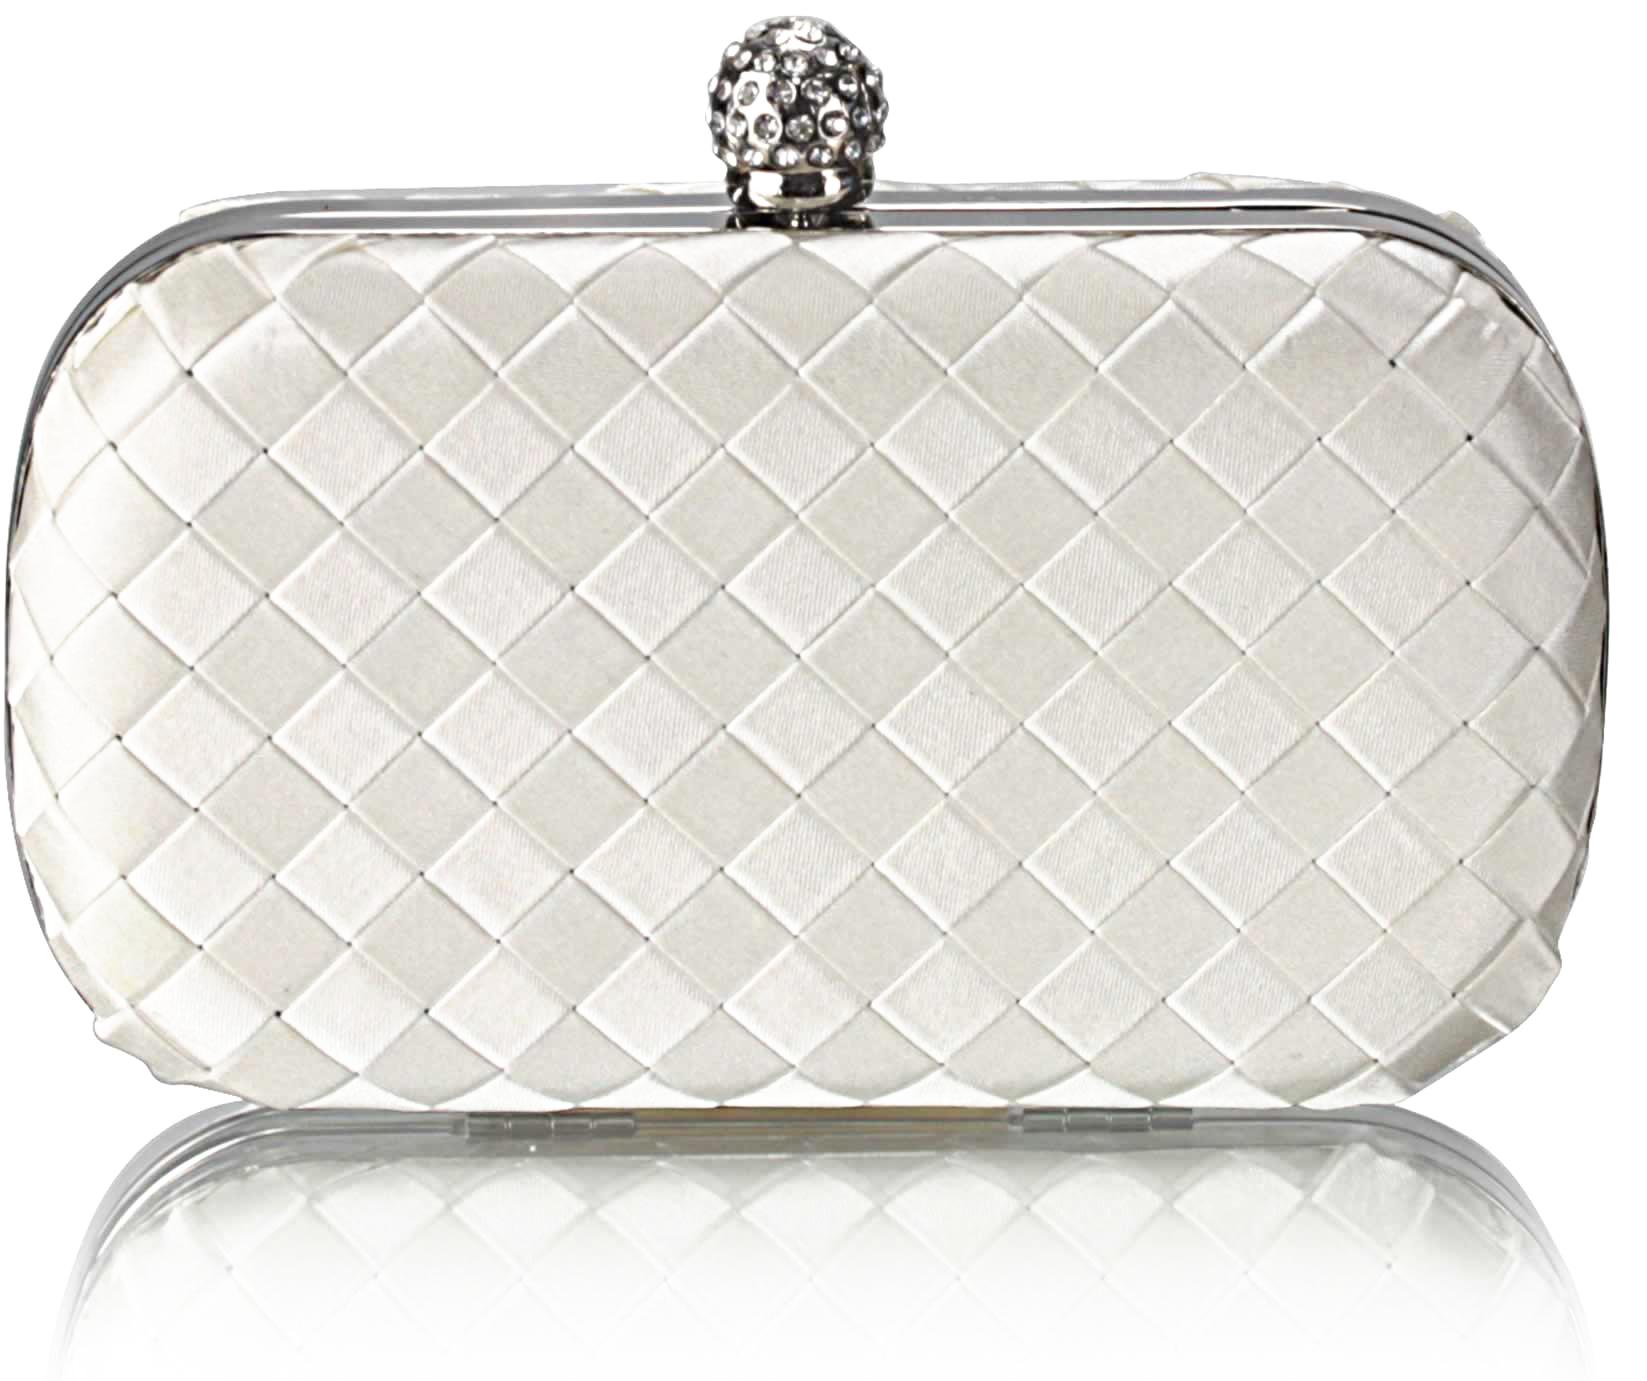 L S Fashion LS Fashion Společenská kabelka psaníčko LSE00213 krémově bílé 5107be22634